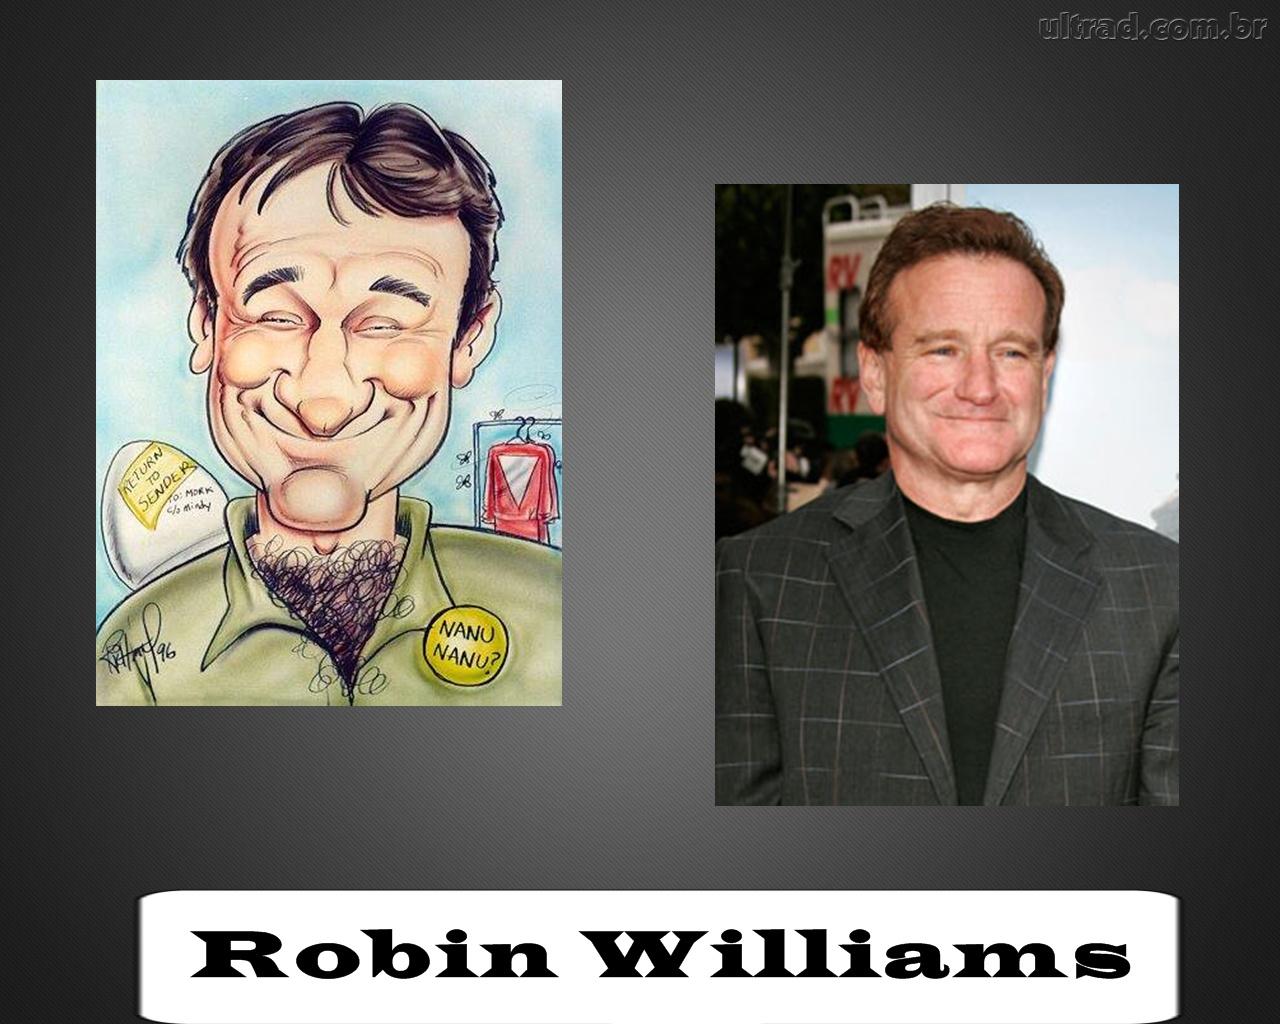 http://2.bp.blogspot.com/-ki3SngsVOEc/Tas2xzA78kI/AAAAAAAAAIs/aOKAZXLMYxo/s1600/Robin+Williams.jpg